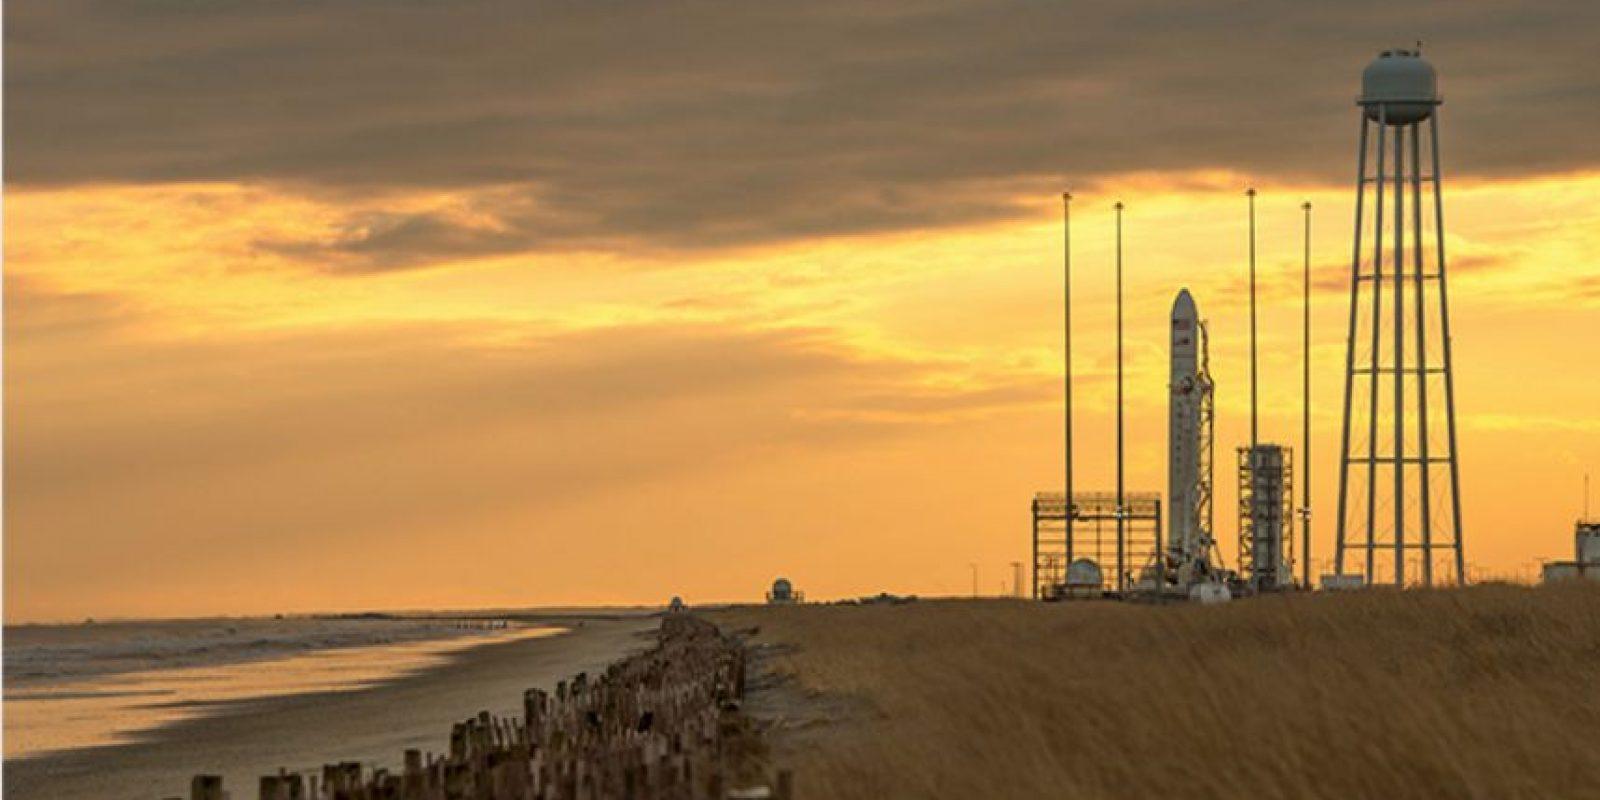 La NASA construyó tantas instalaciones cerca de la costa para evitar peligro a la gente de las fallas que se puedan presentar. Foto:Vía nasa.gov